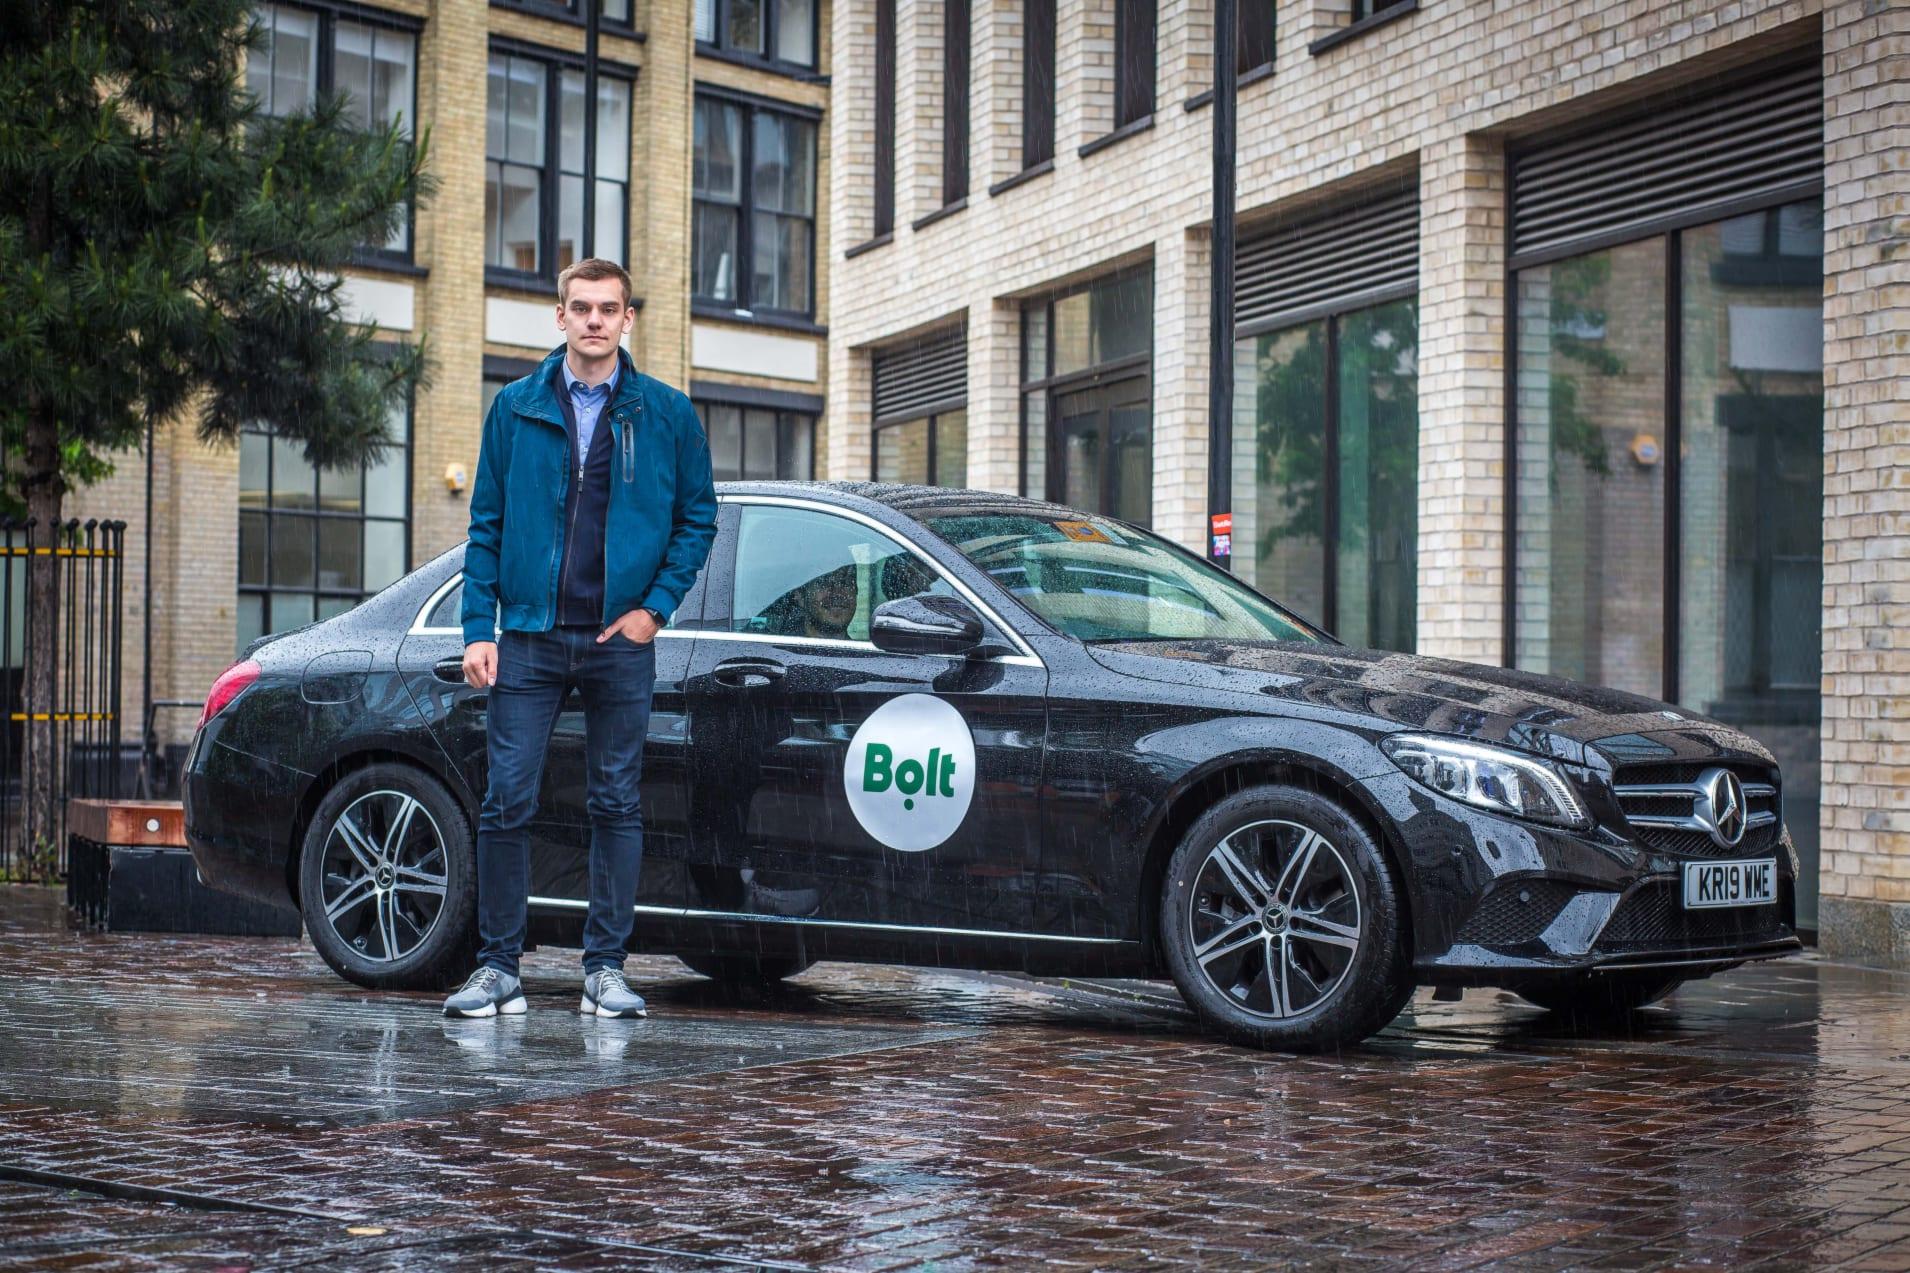 Le rival européen d'Uber, Bolt, affirme qu'il voit des signes de rentabilité sur la plupart des marchés. La start-up estonienne profite notamment de la débâcle d'Uber.